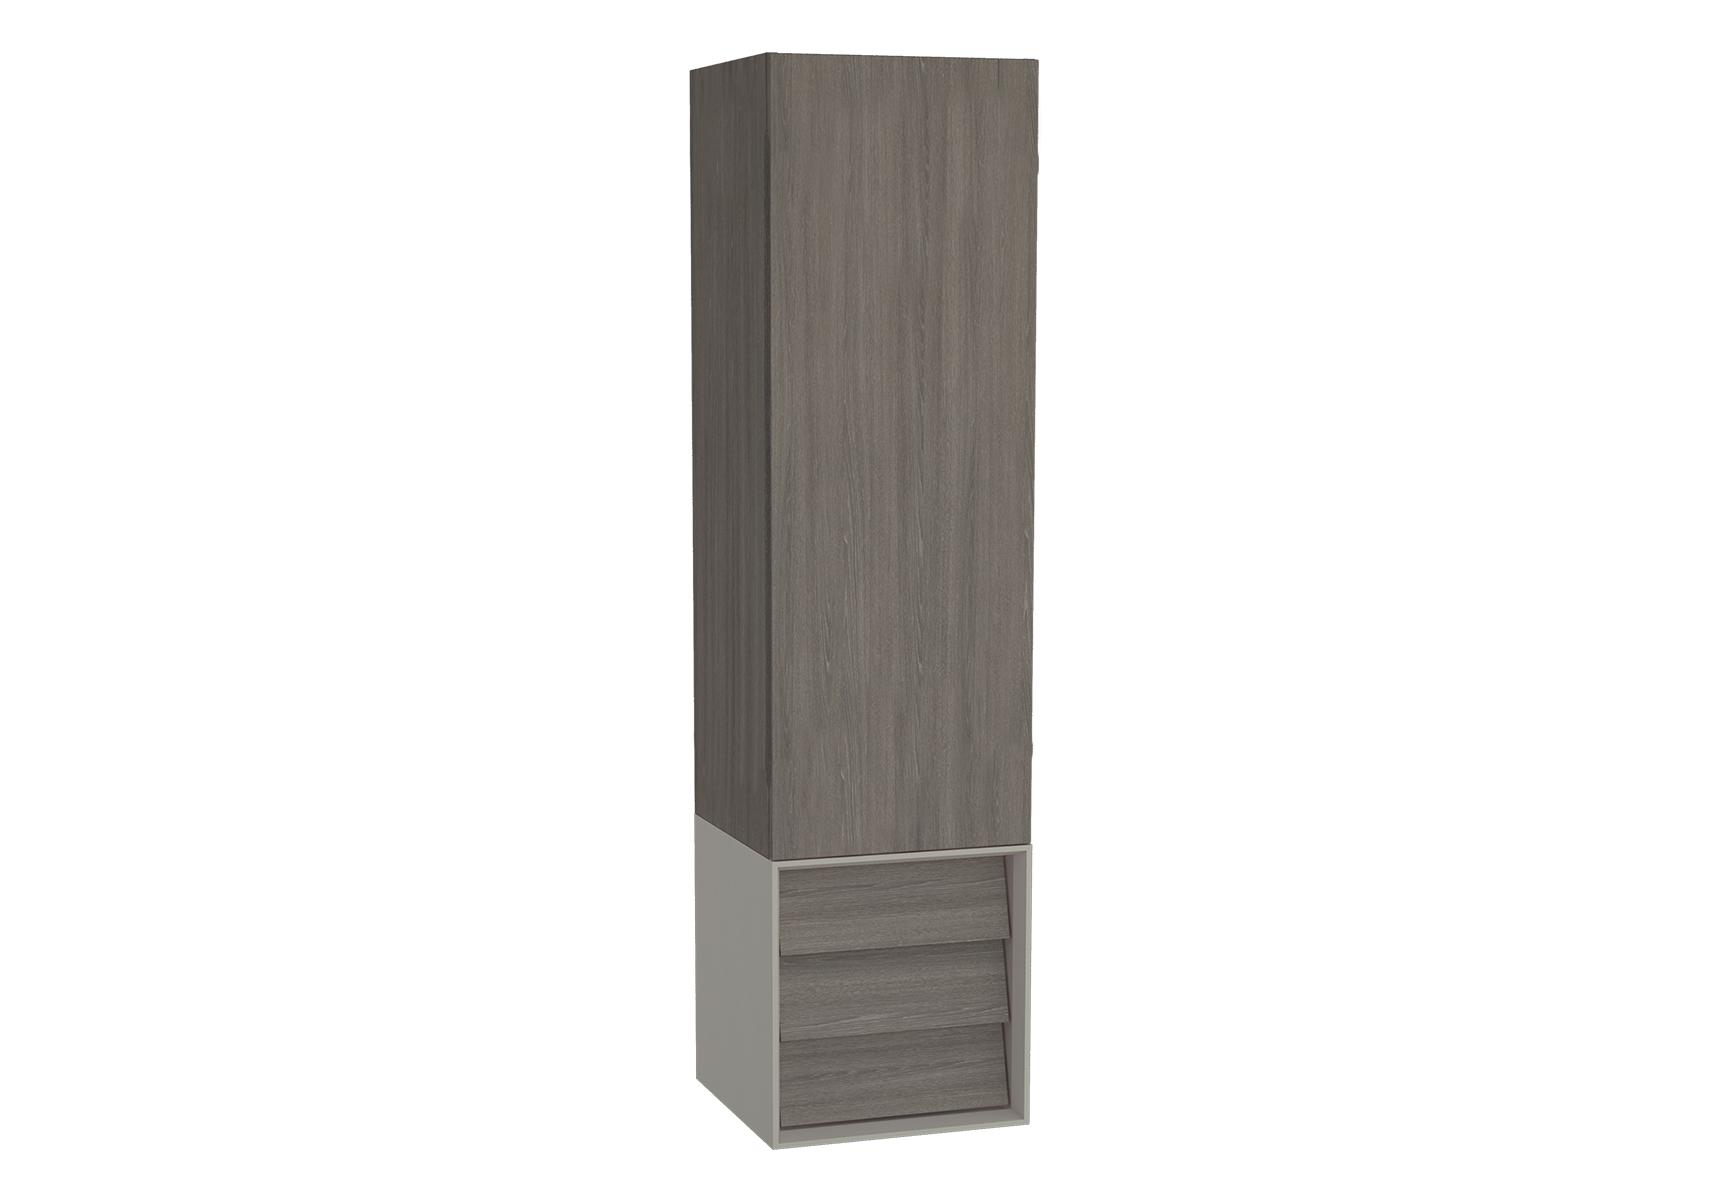 Frame armoire haute, 32 cm, chêne moka, mat taupe, droite